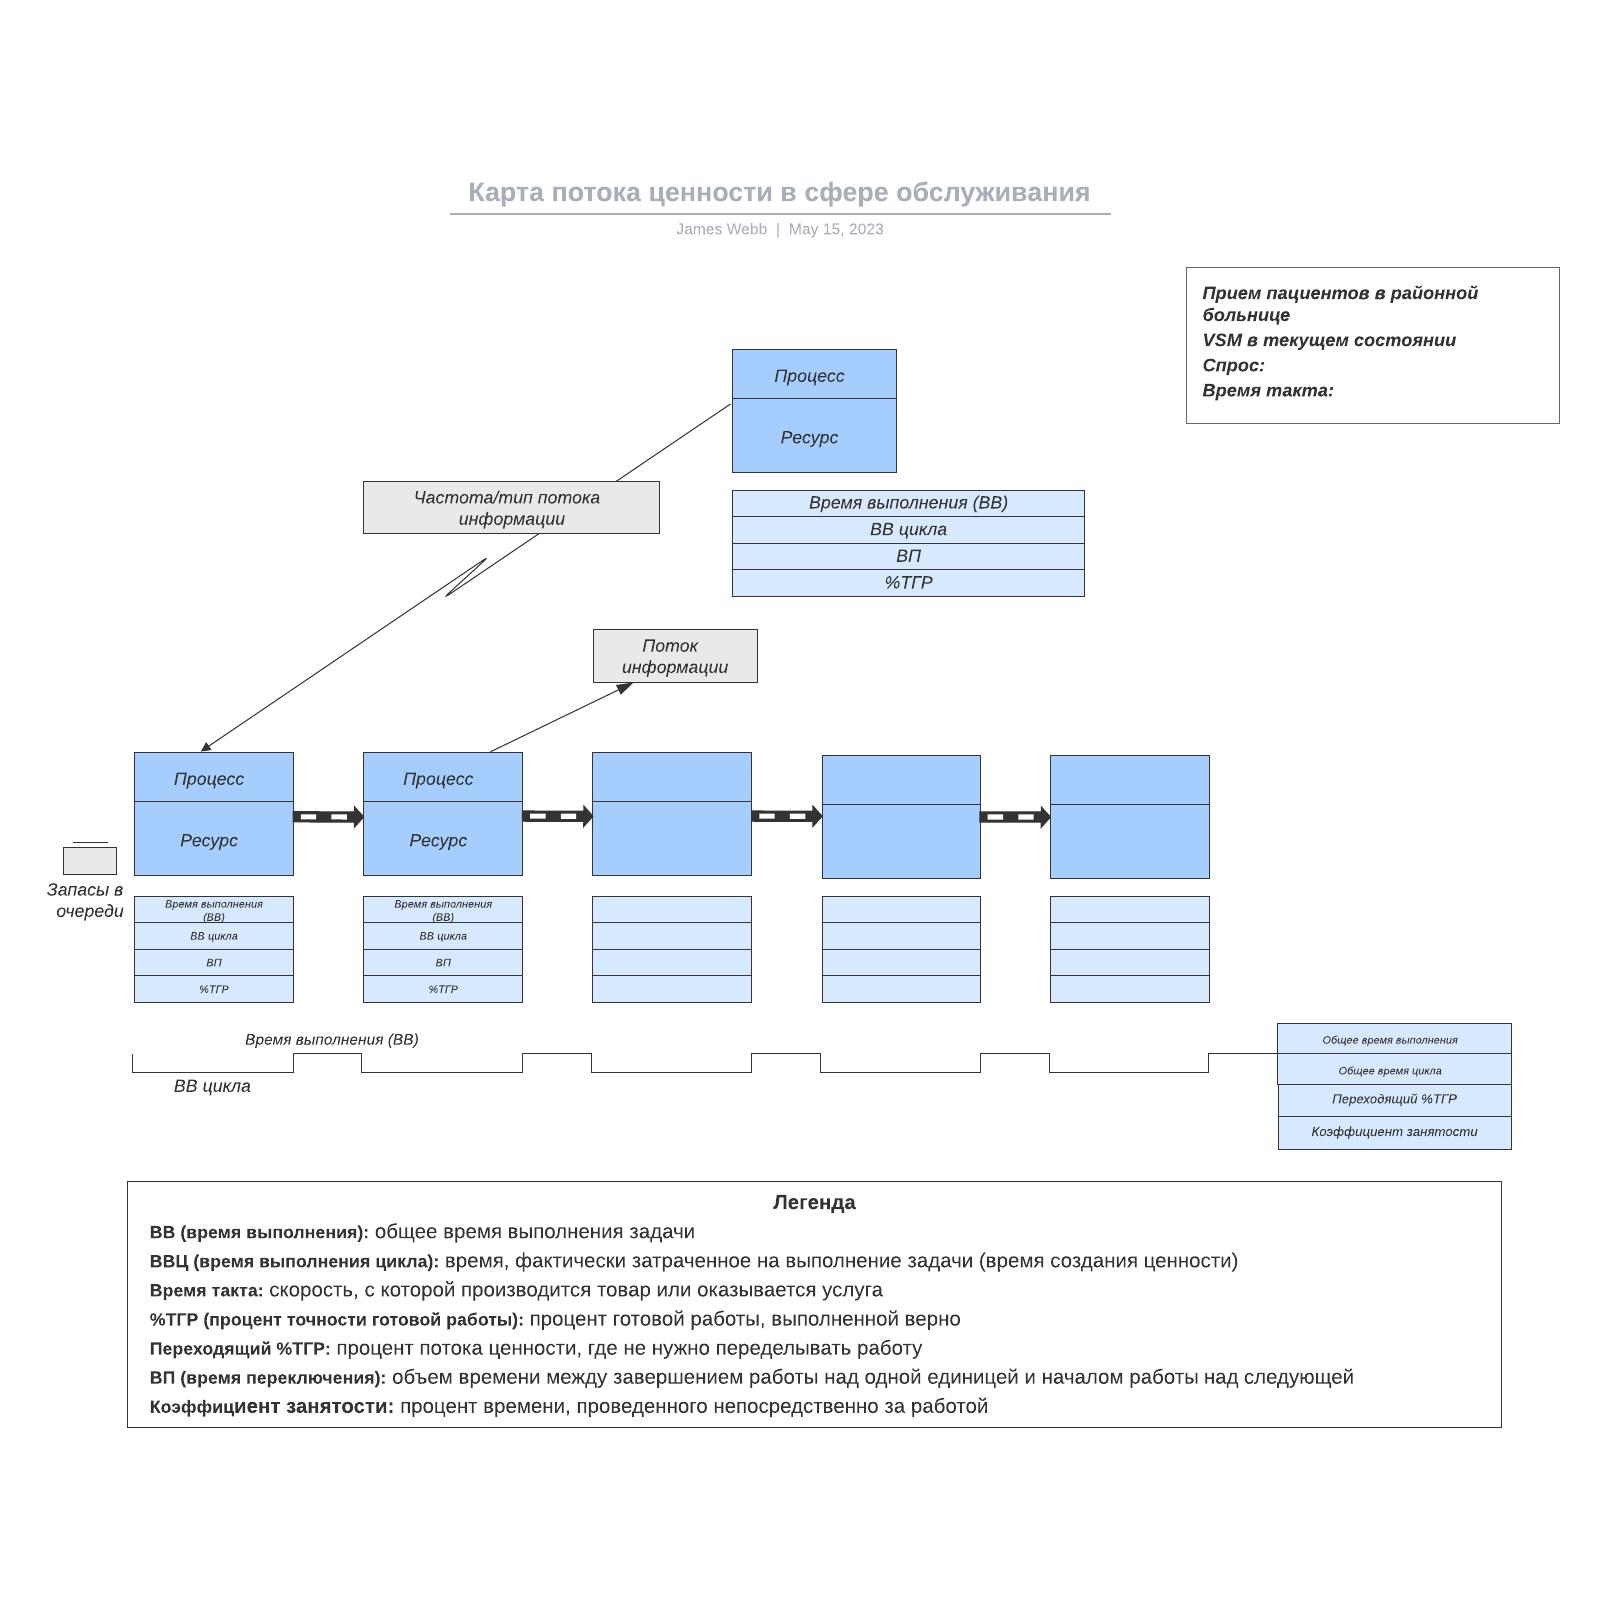 Карта потока ценности в сфере обслуживания